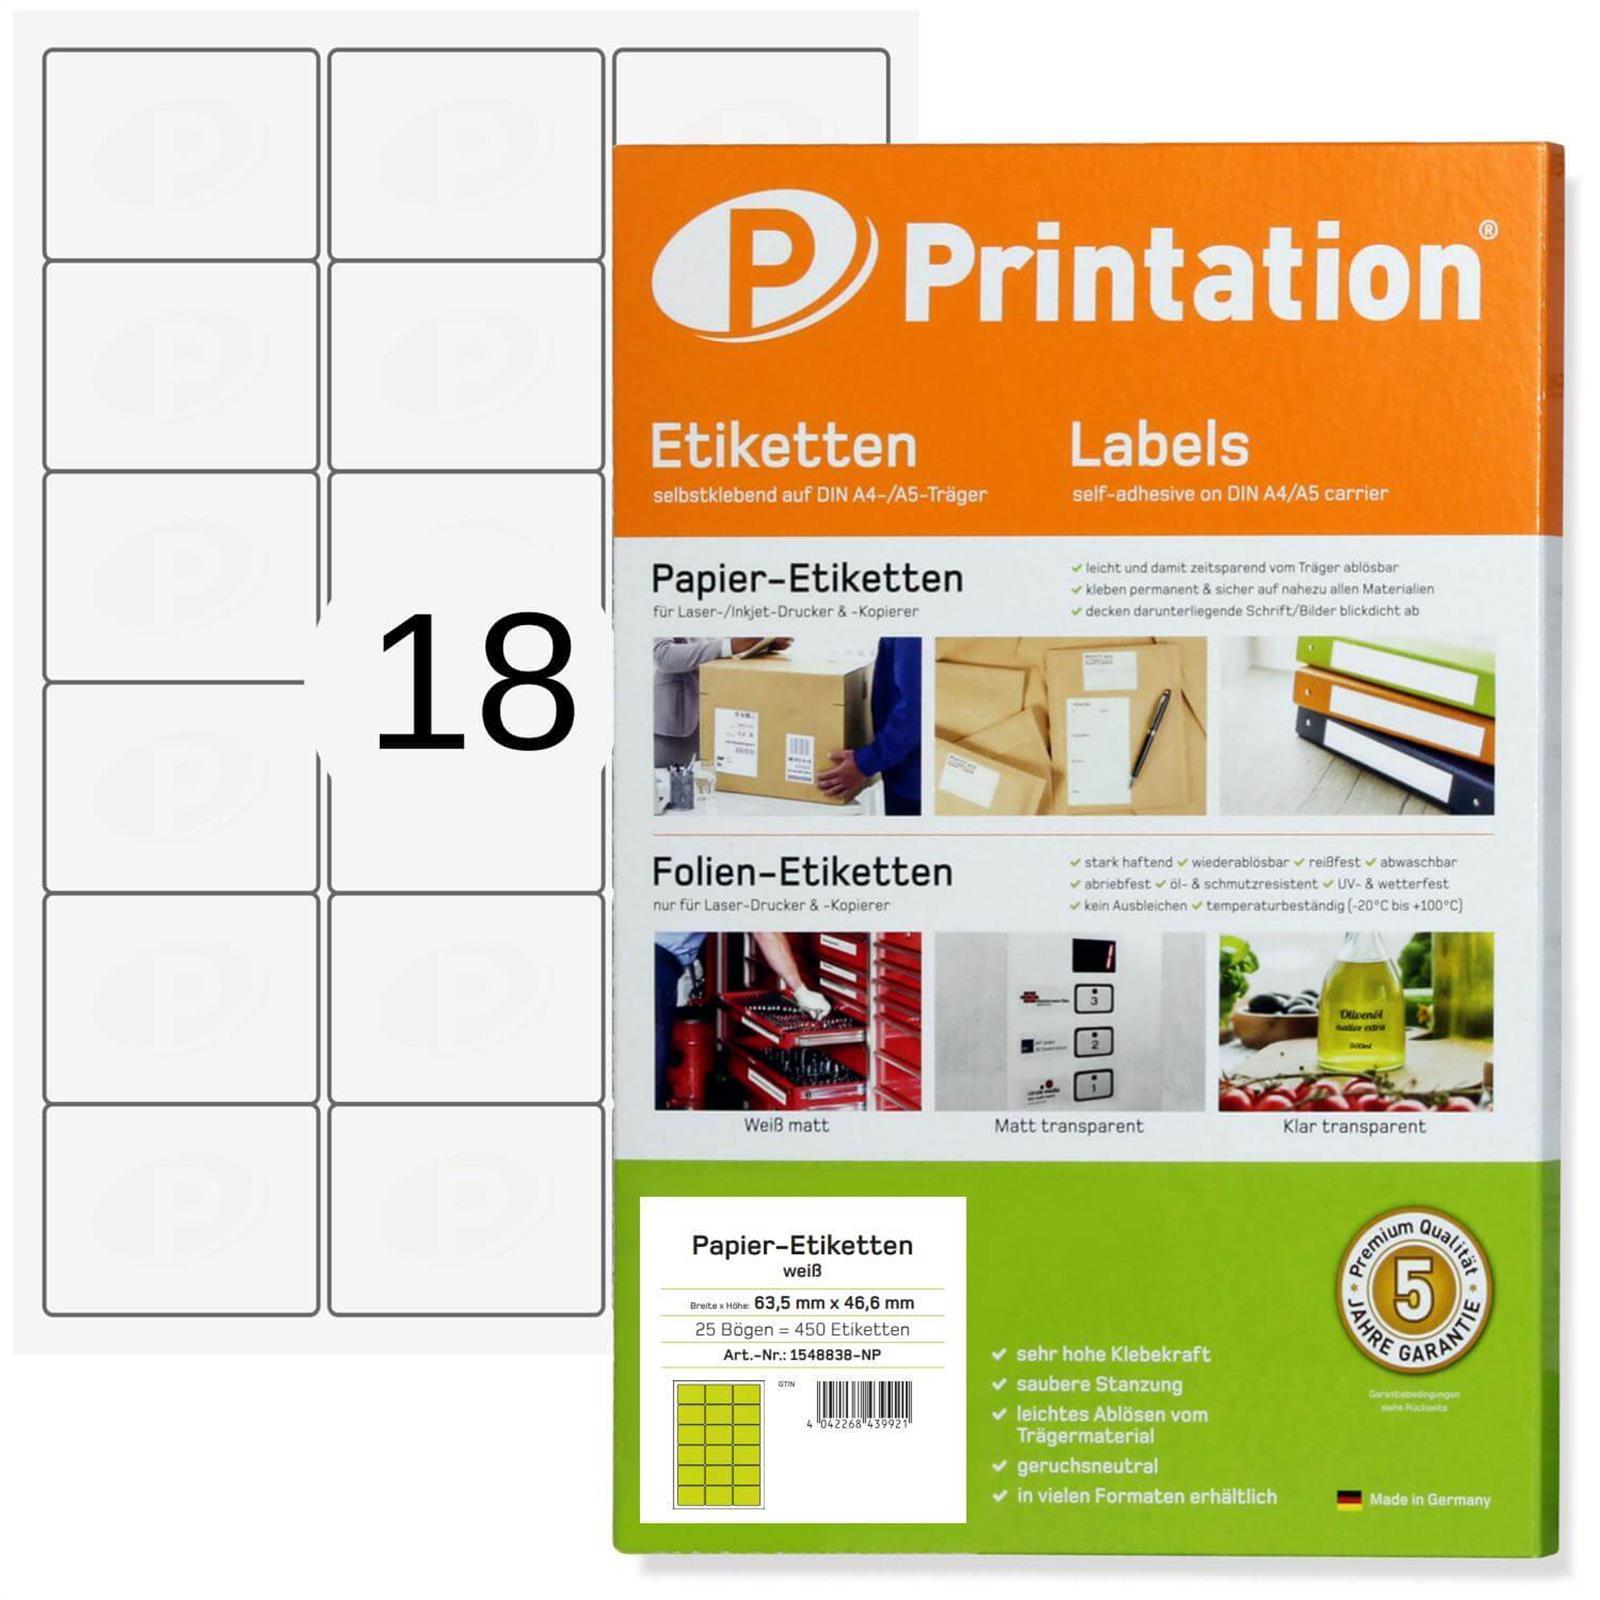 Adressetiketten 63,5 x 46,6 mm weiß selbstklebend 450 Etiketten 63,5x46,6 A4 25